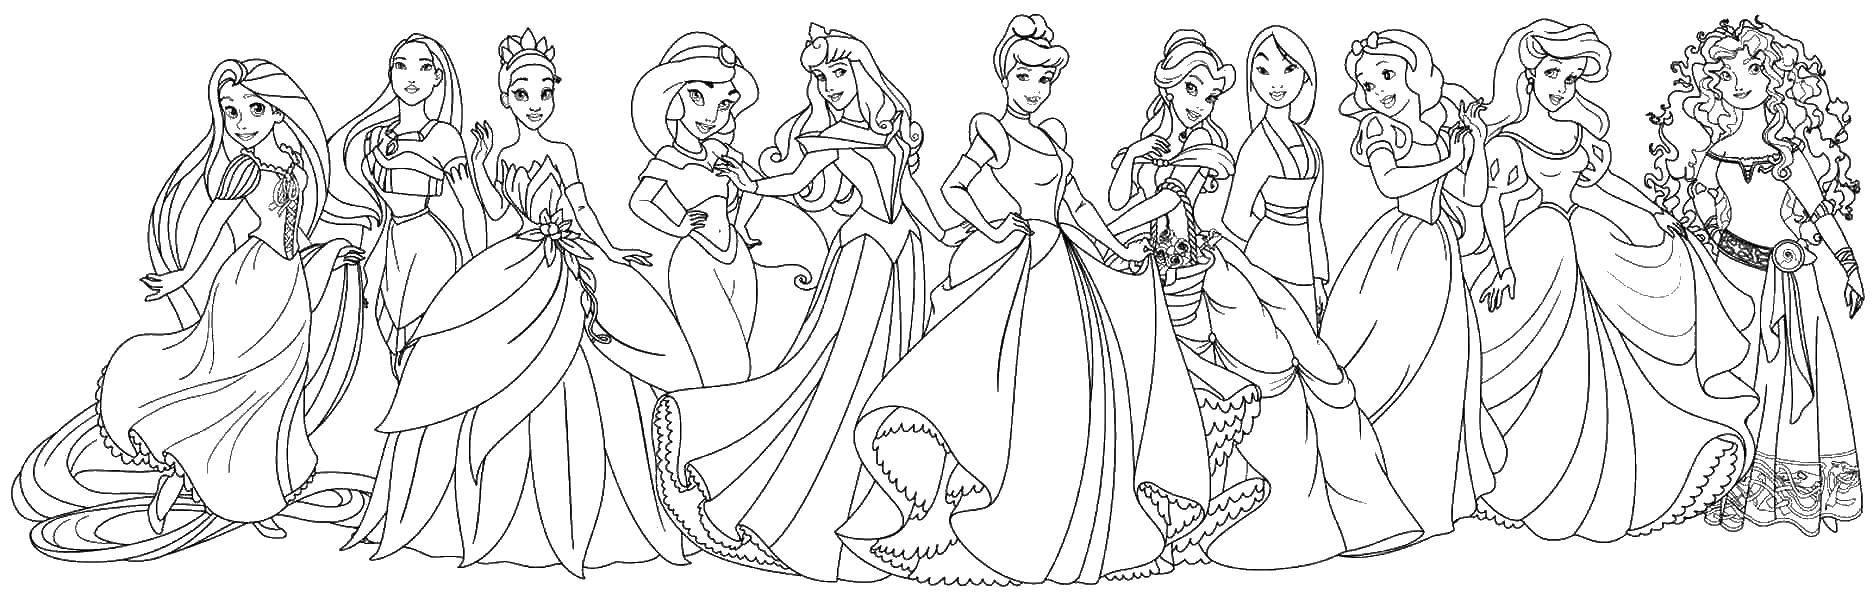 Раскраска Разные принцессы Скачать принцессы, мультфильмы, сказки.  Распечатать ,Принцессы,